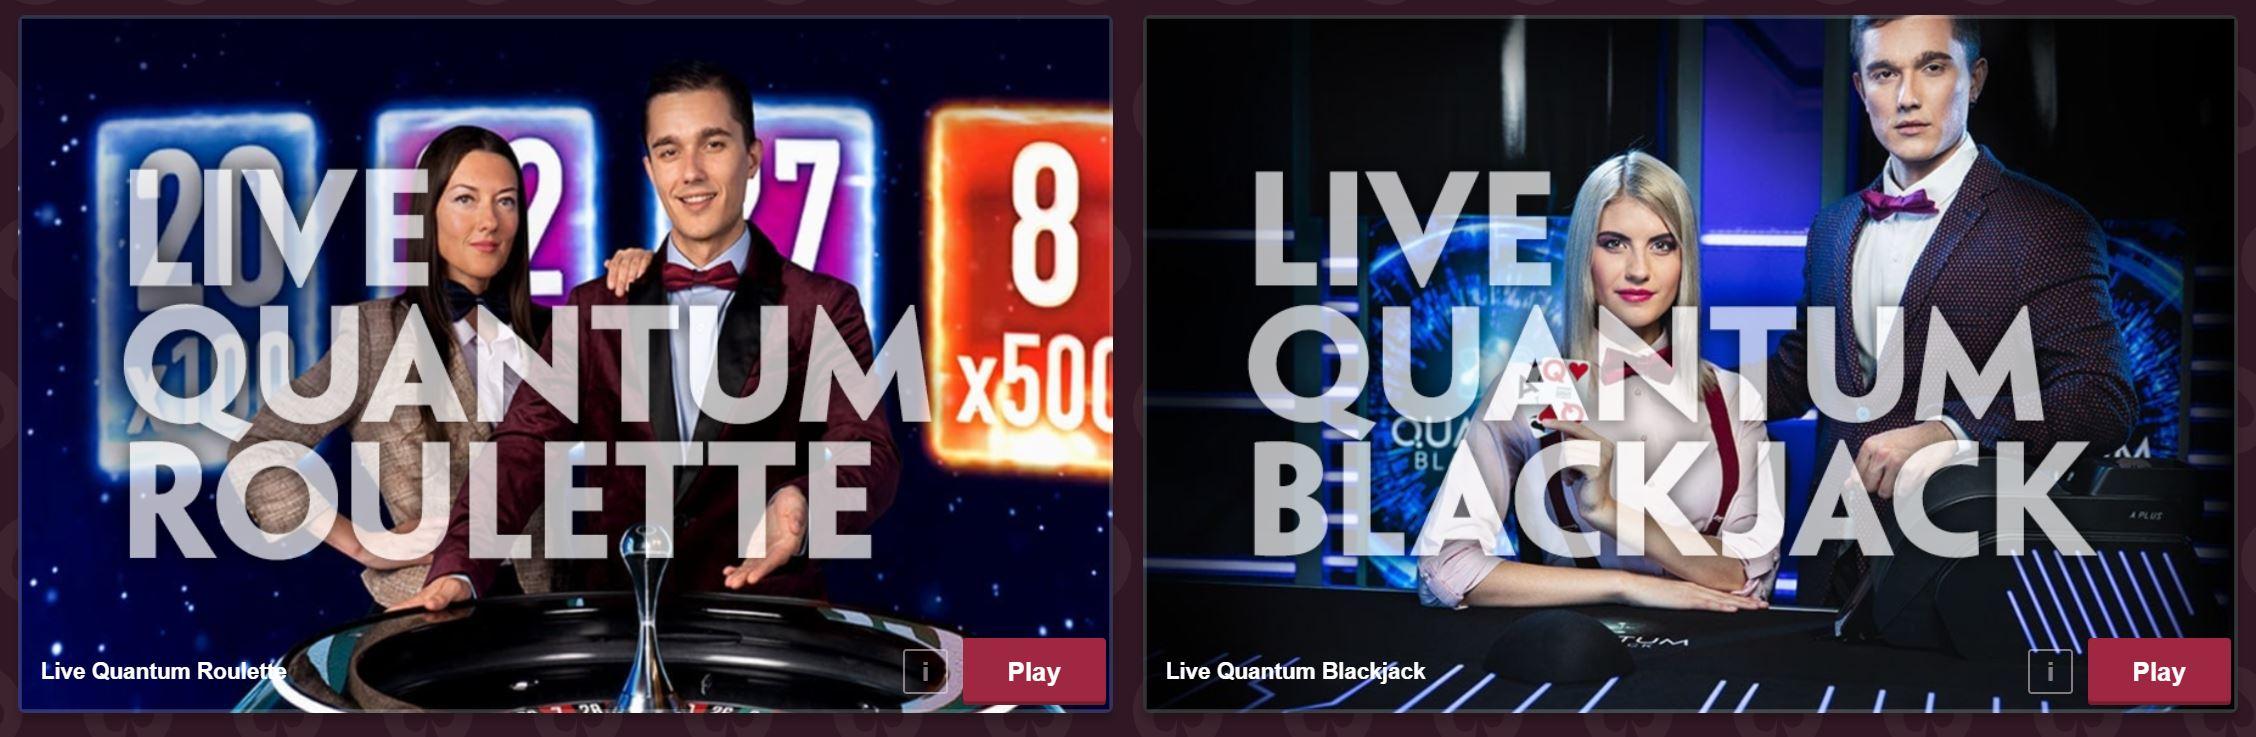 Paddy Power ofrece muchos juegos de casino para sus usuarios.